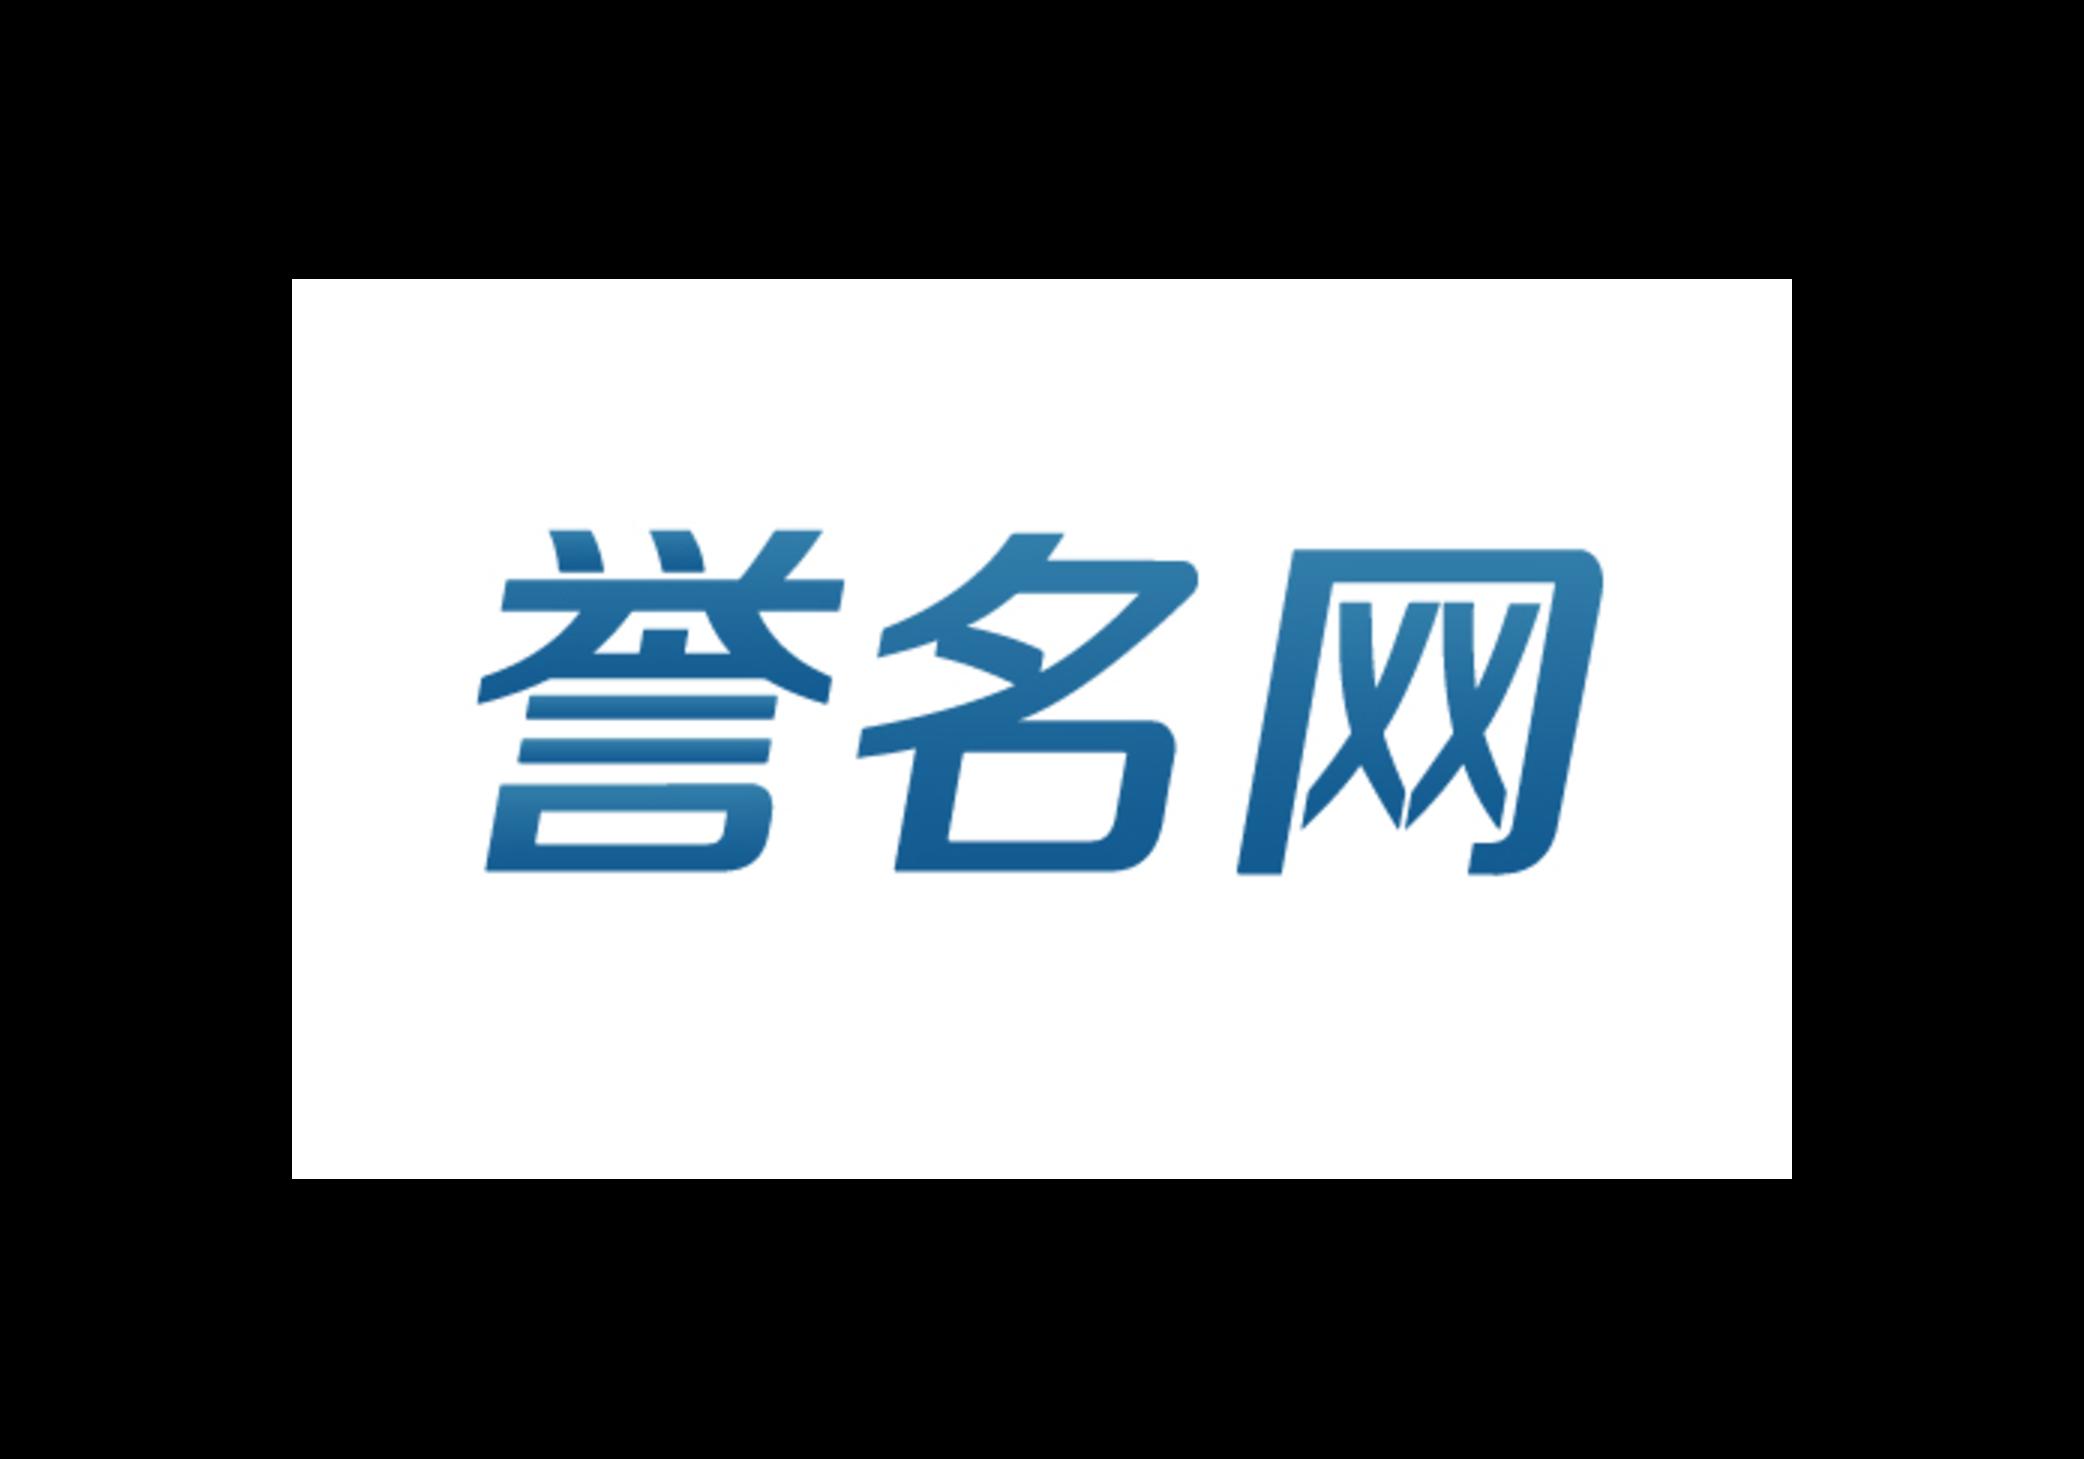 EU Technology (HongKong) Limited